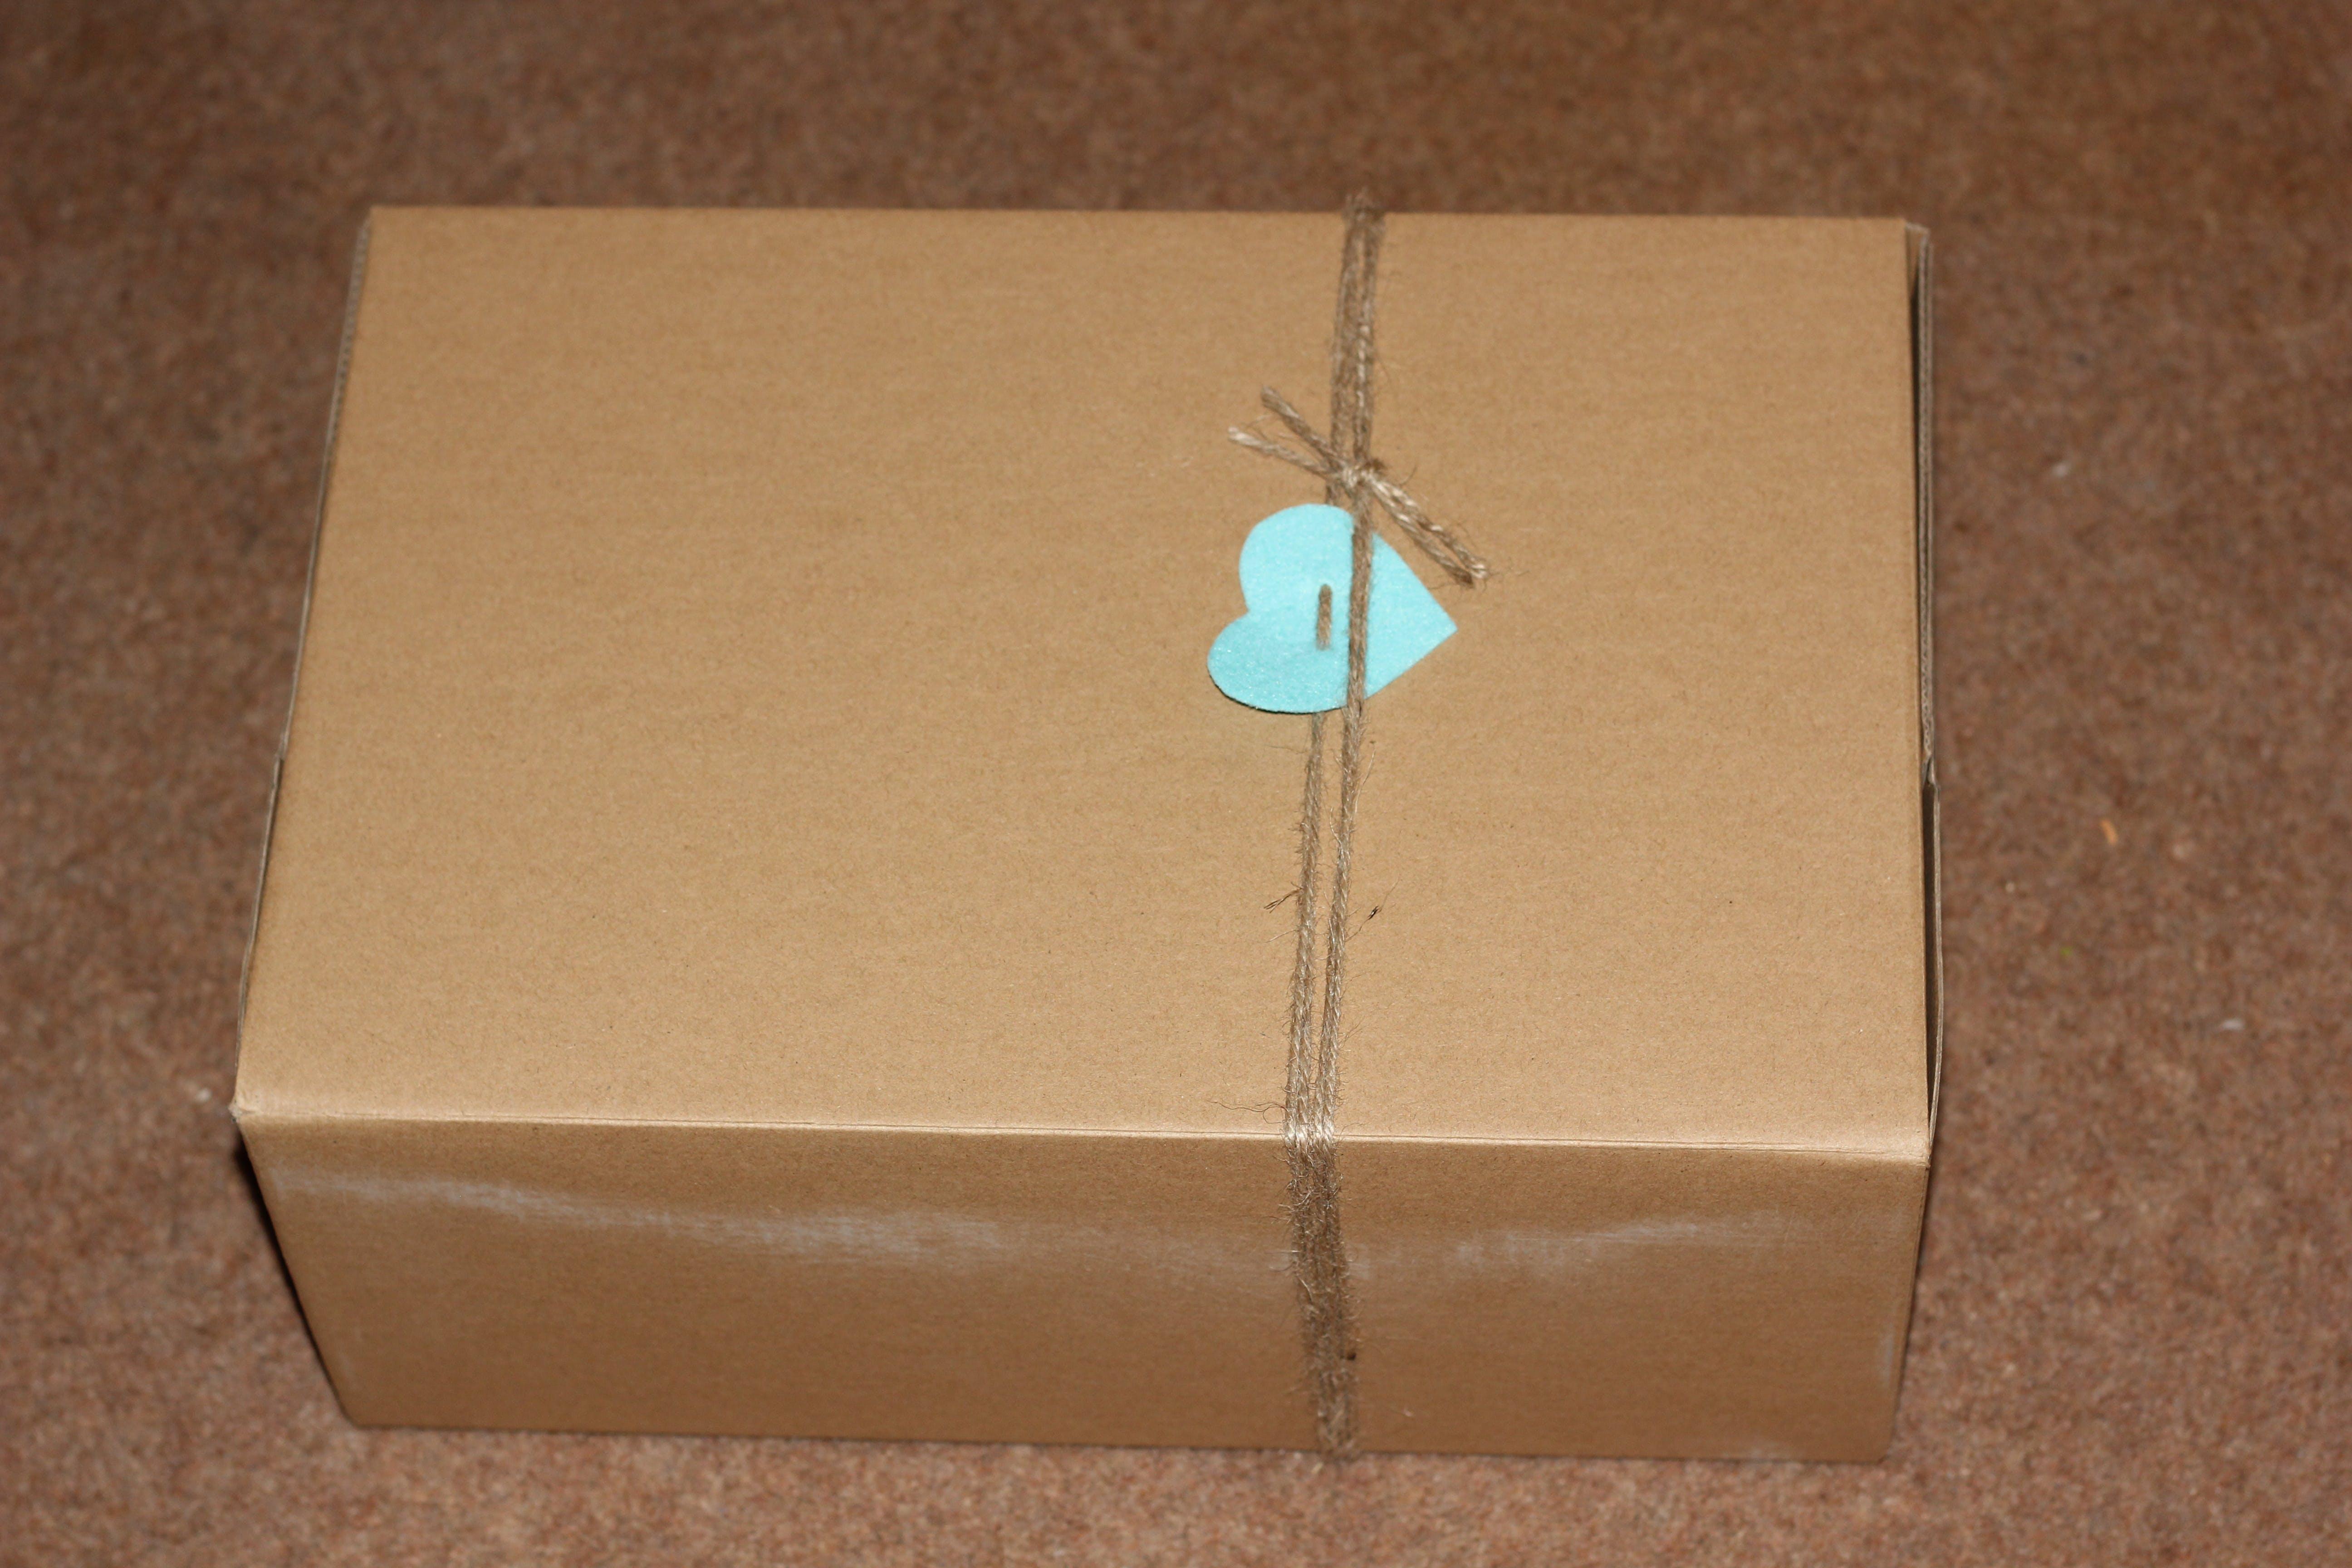 Kostenloses Stock Foto zu post, box, pack, überraschung